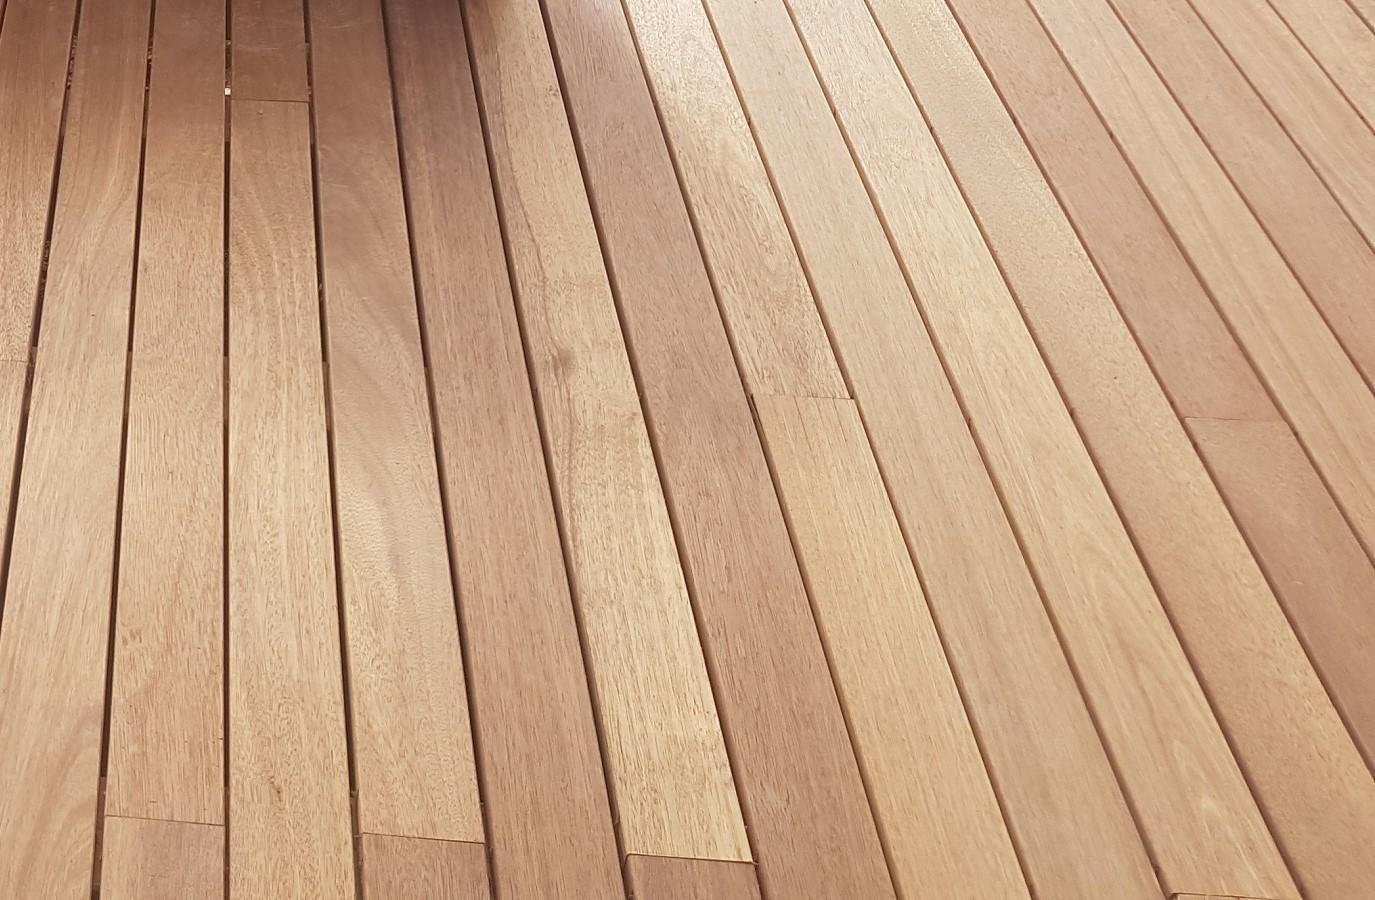 Instalación de tarima de madera de teca